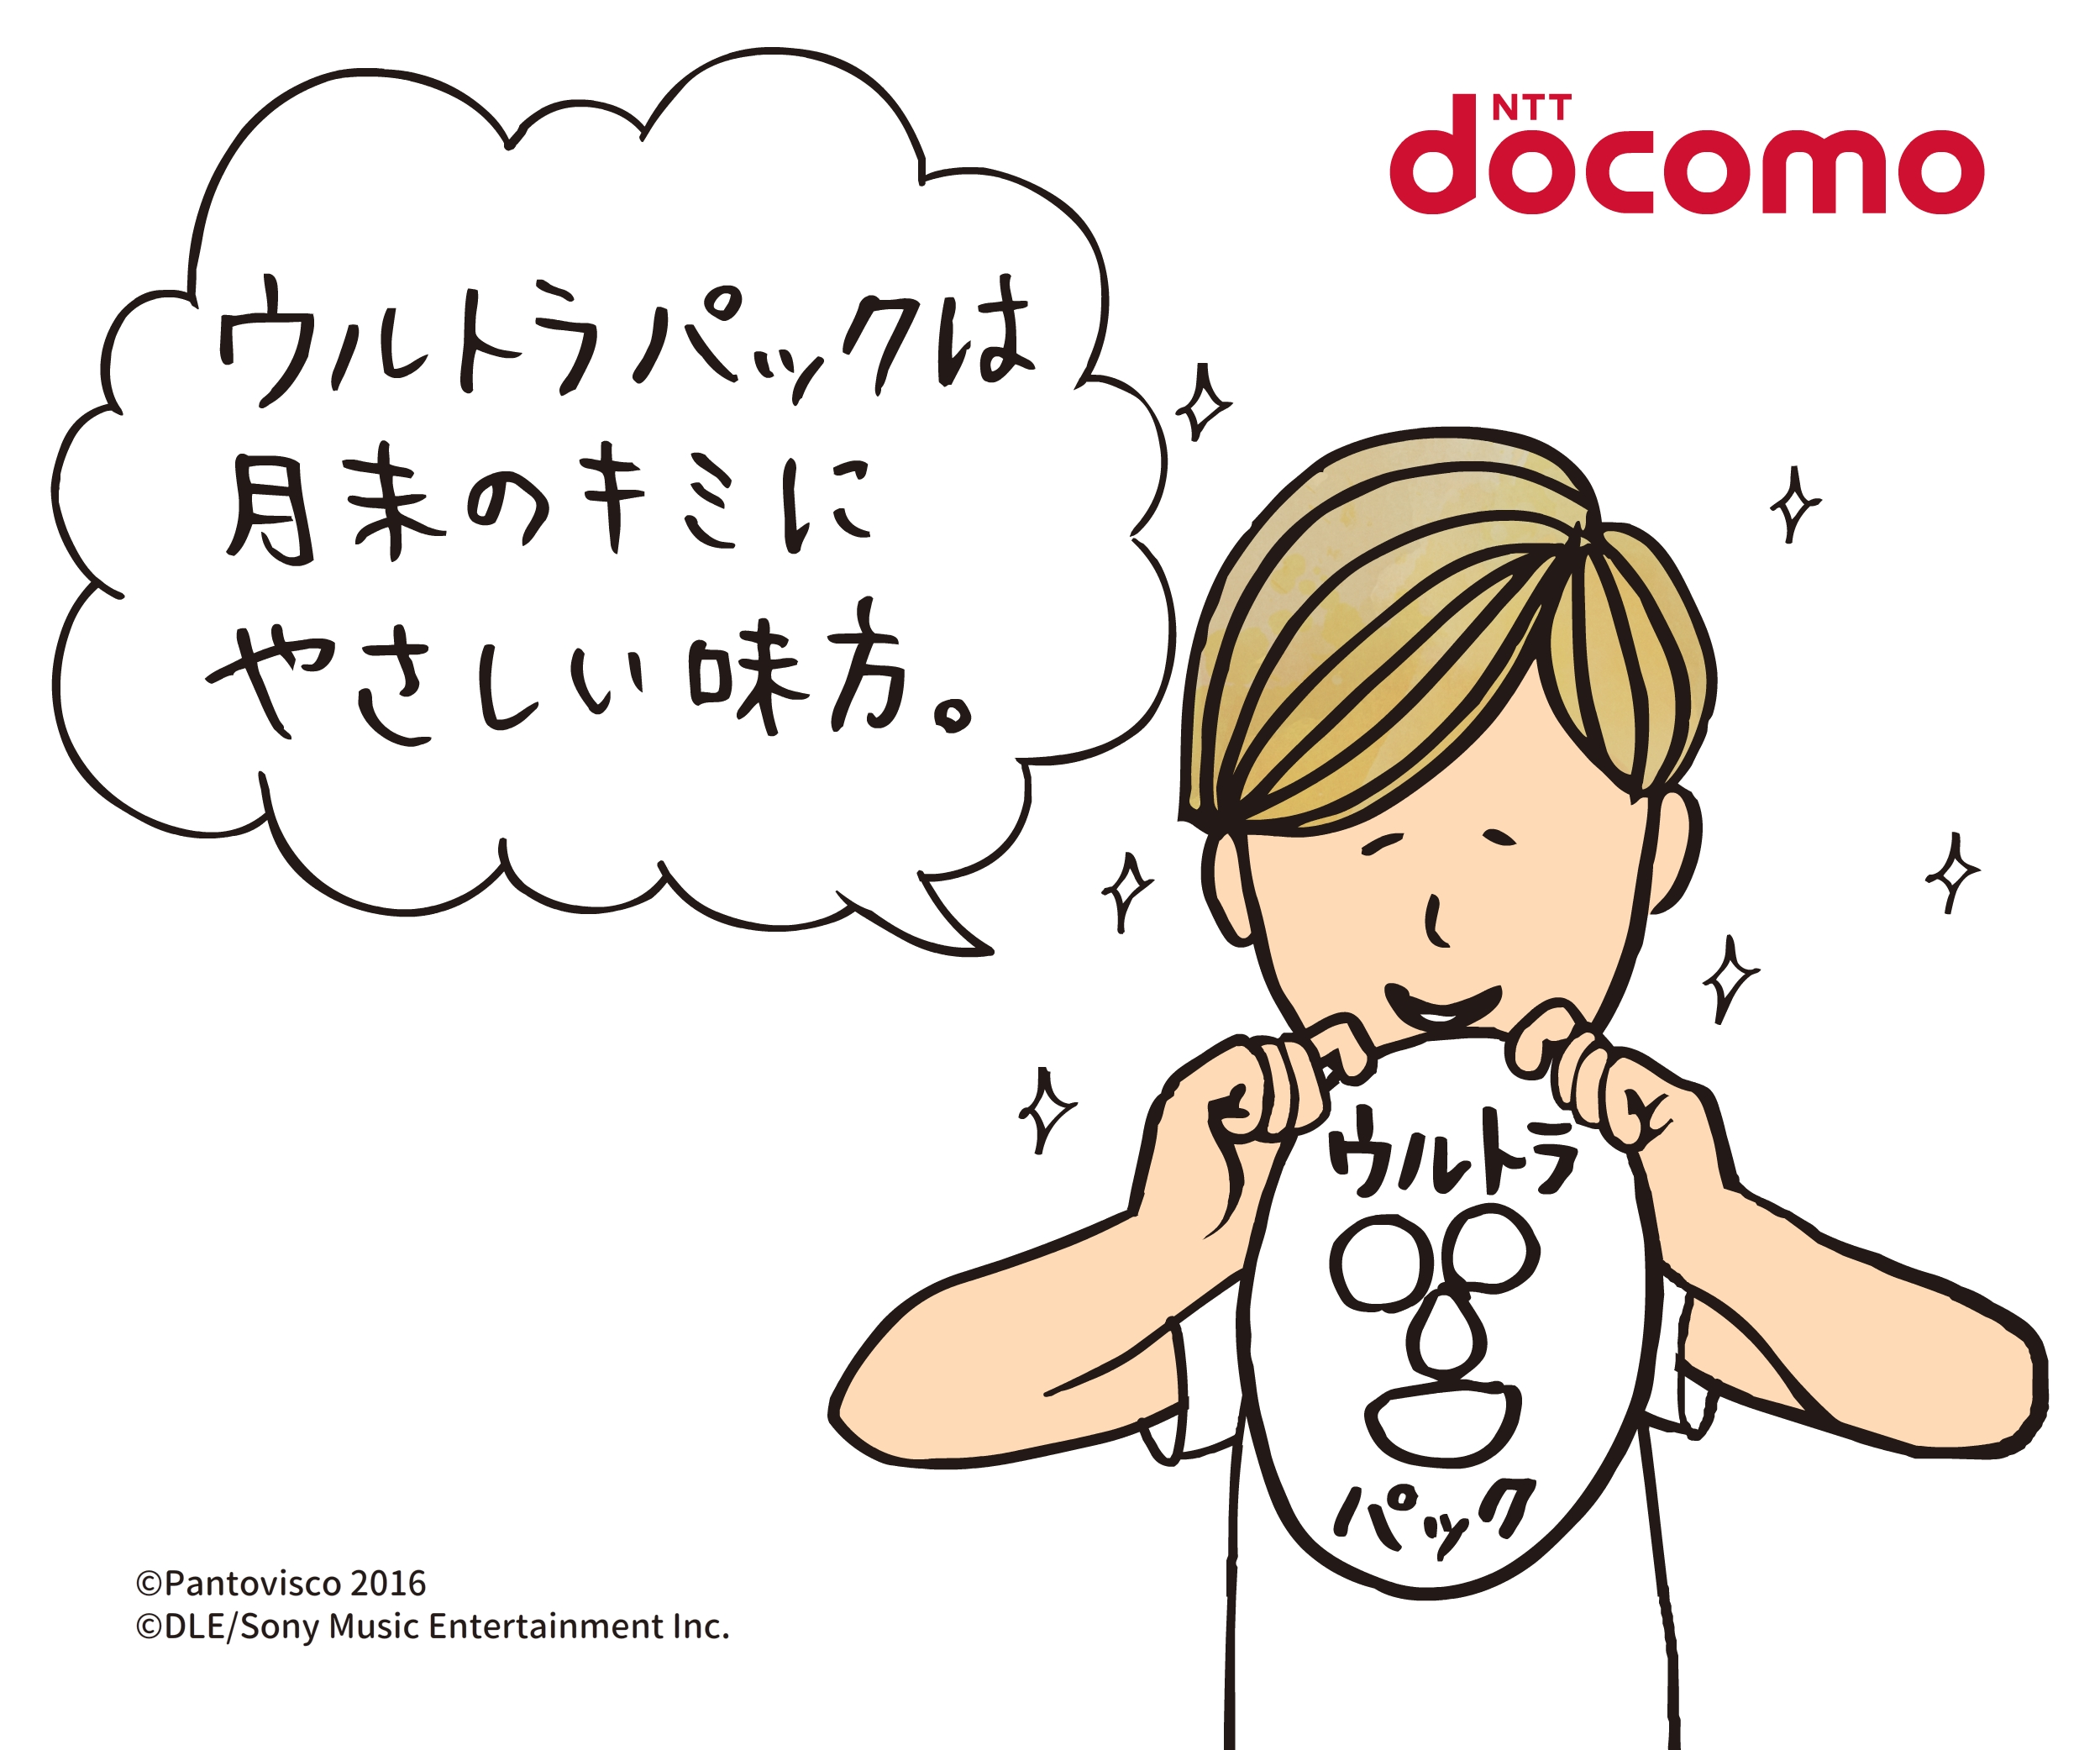 「やさ村やさしのやさしい世界」がNTTドコモWeb CMに登場!